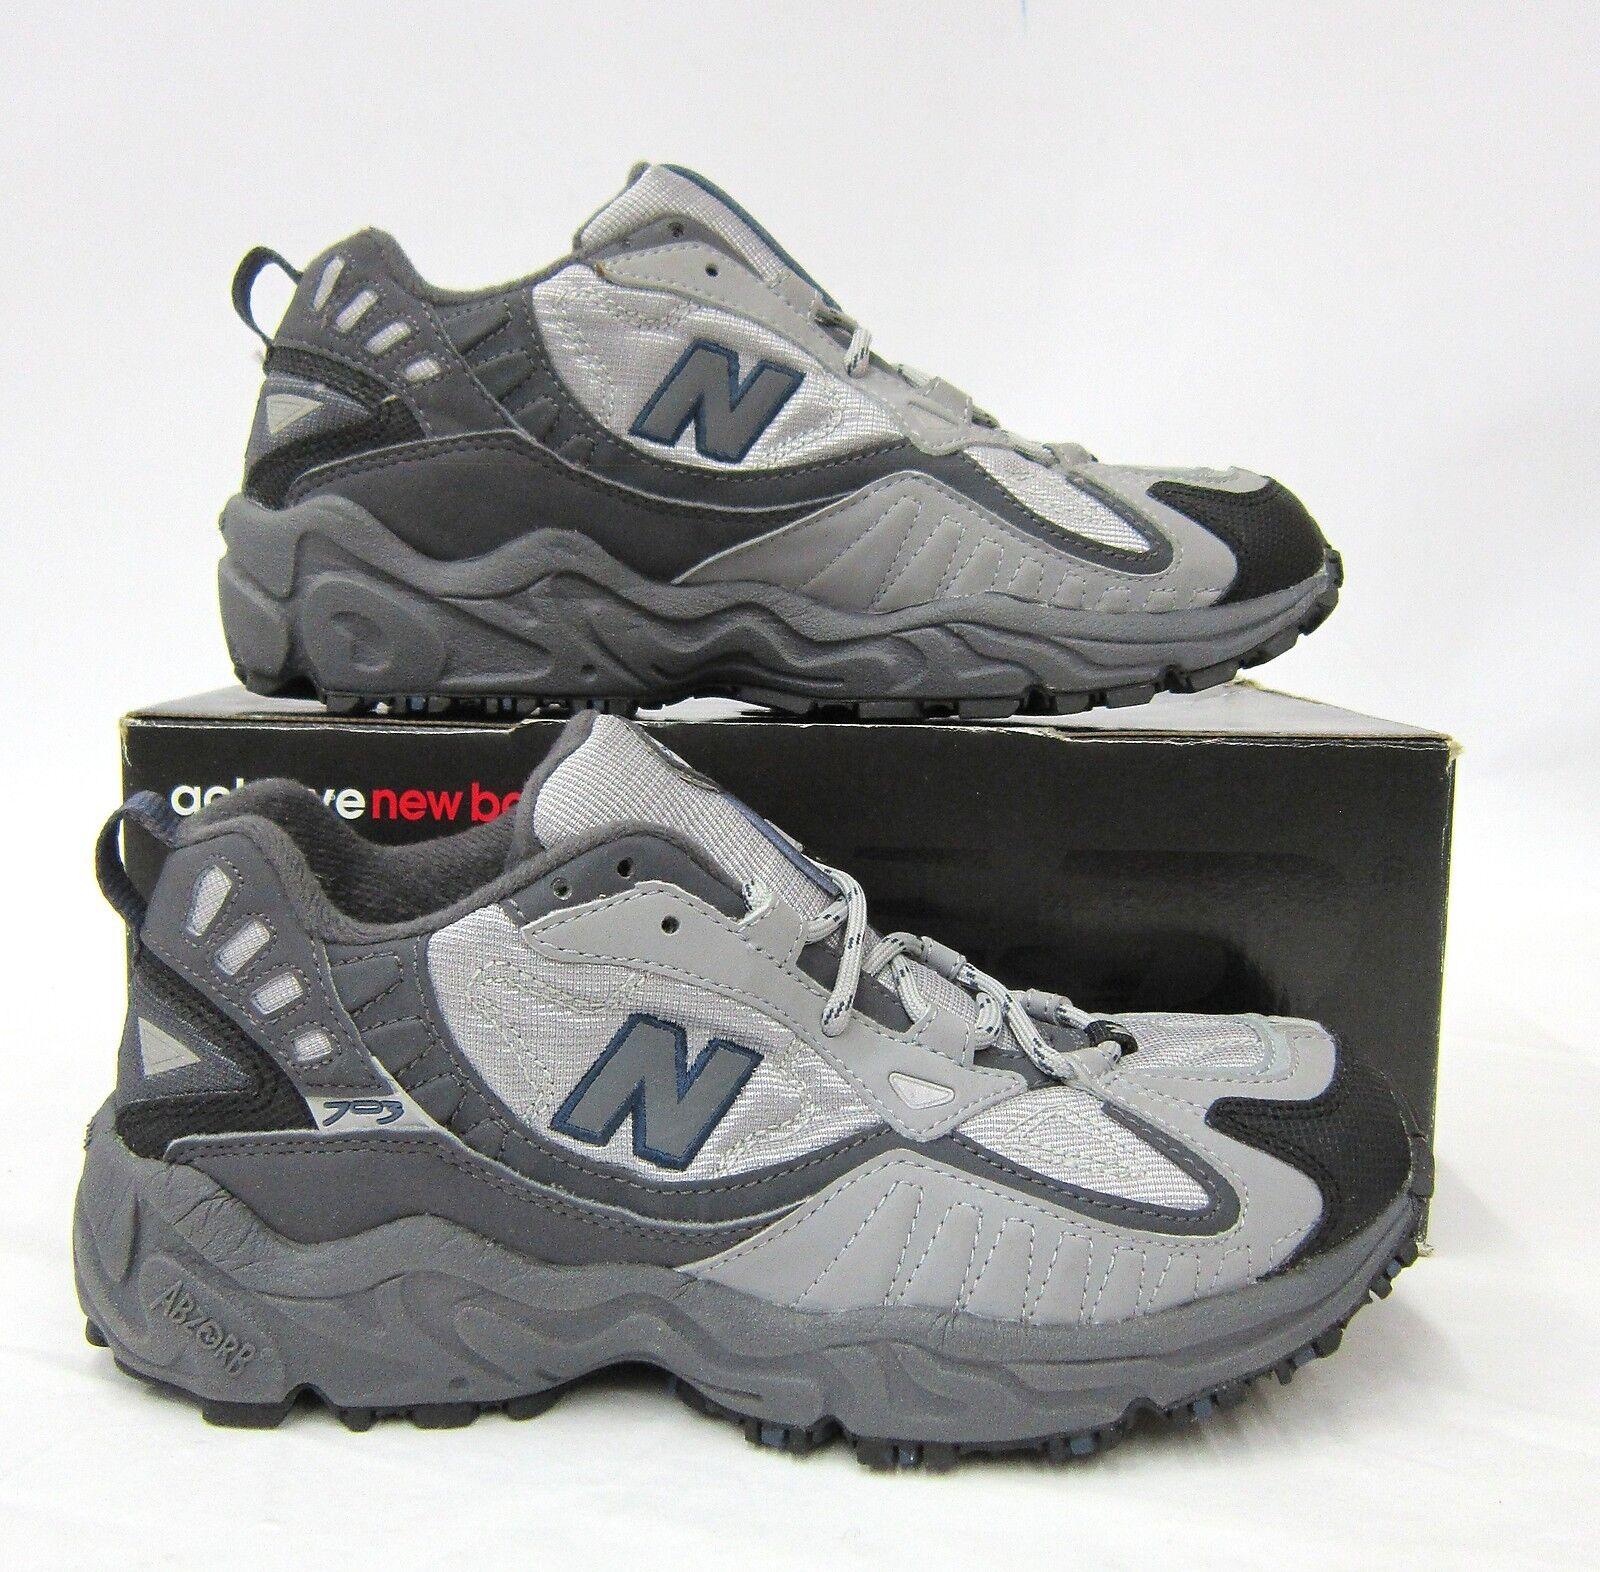 New Balance Laufschuhe Grau / Silber #5002